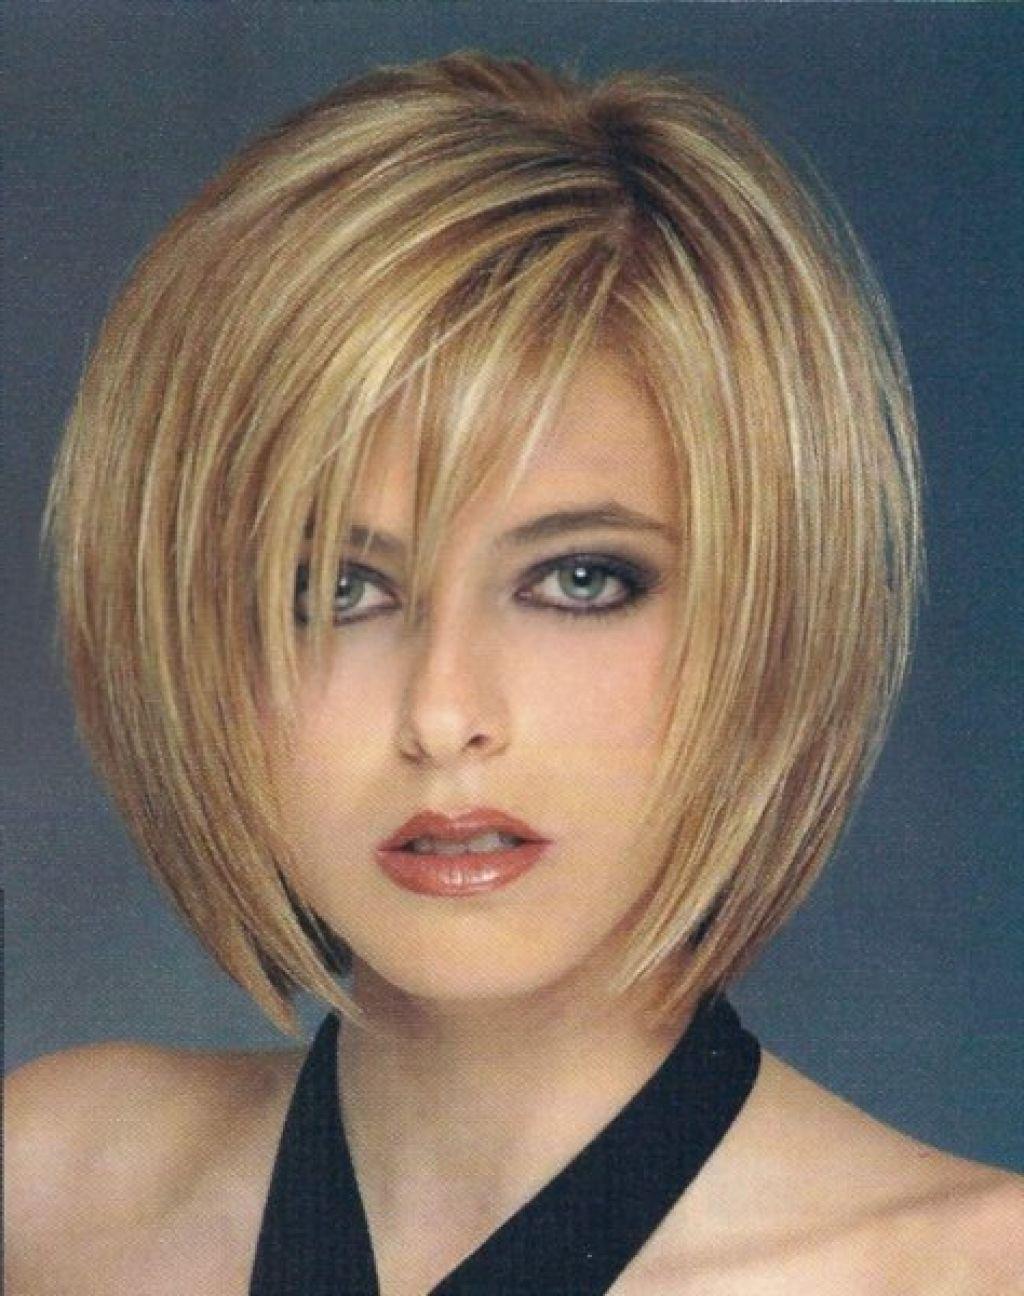 bob hairstyles for fine hair   Google Search   Short hair ...